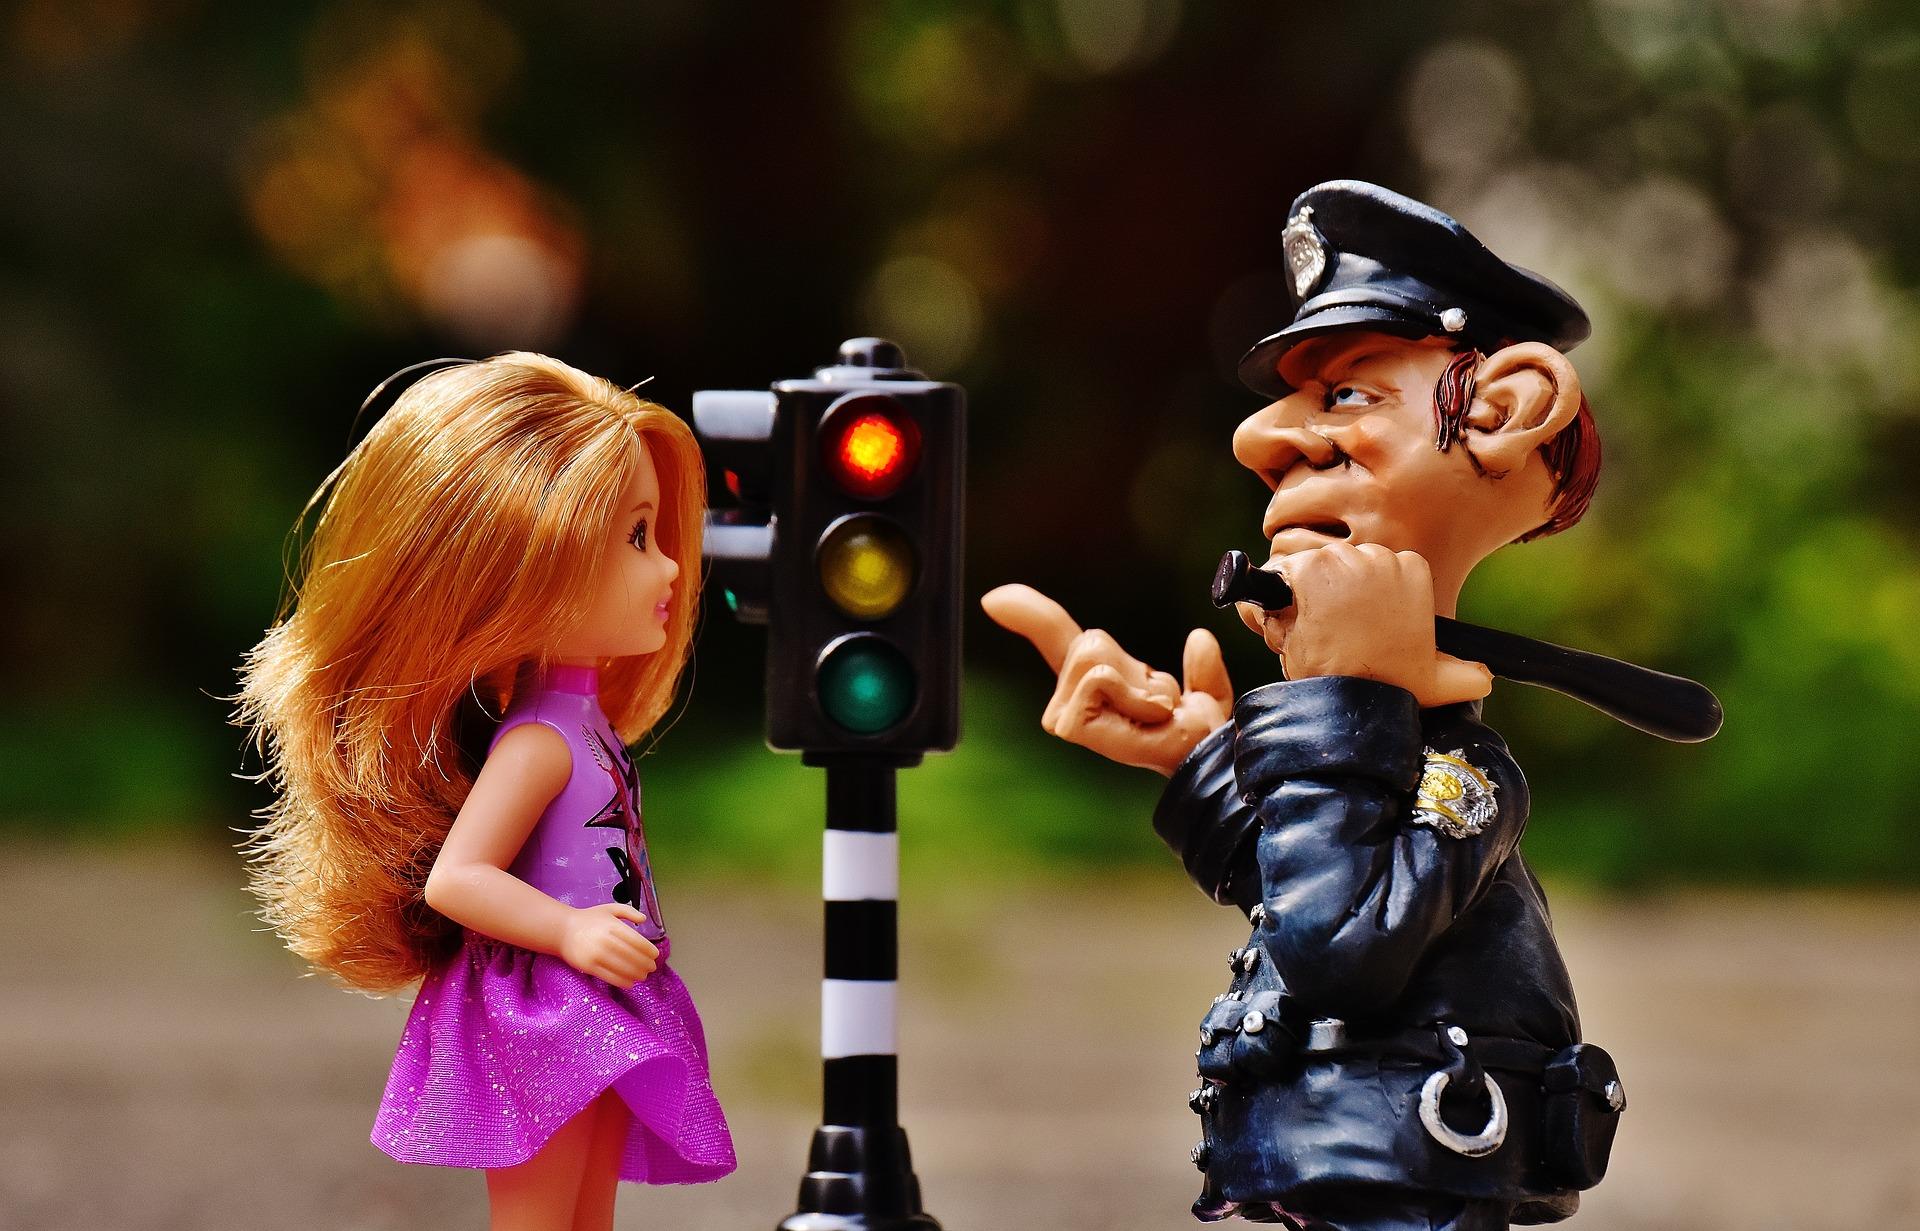 police-1689820_1920.jpg